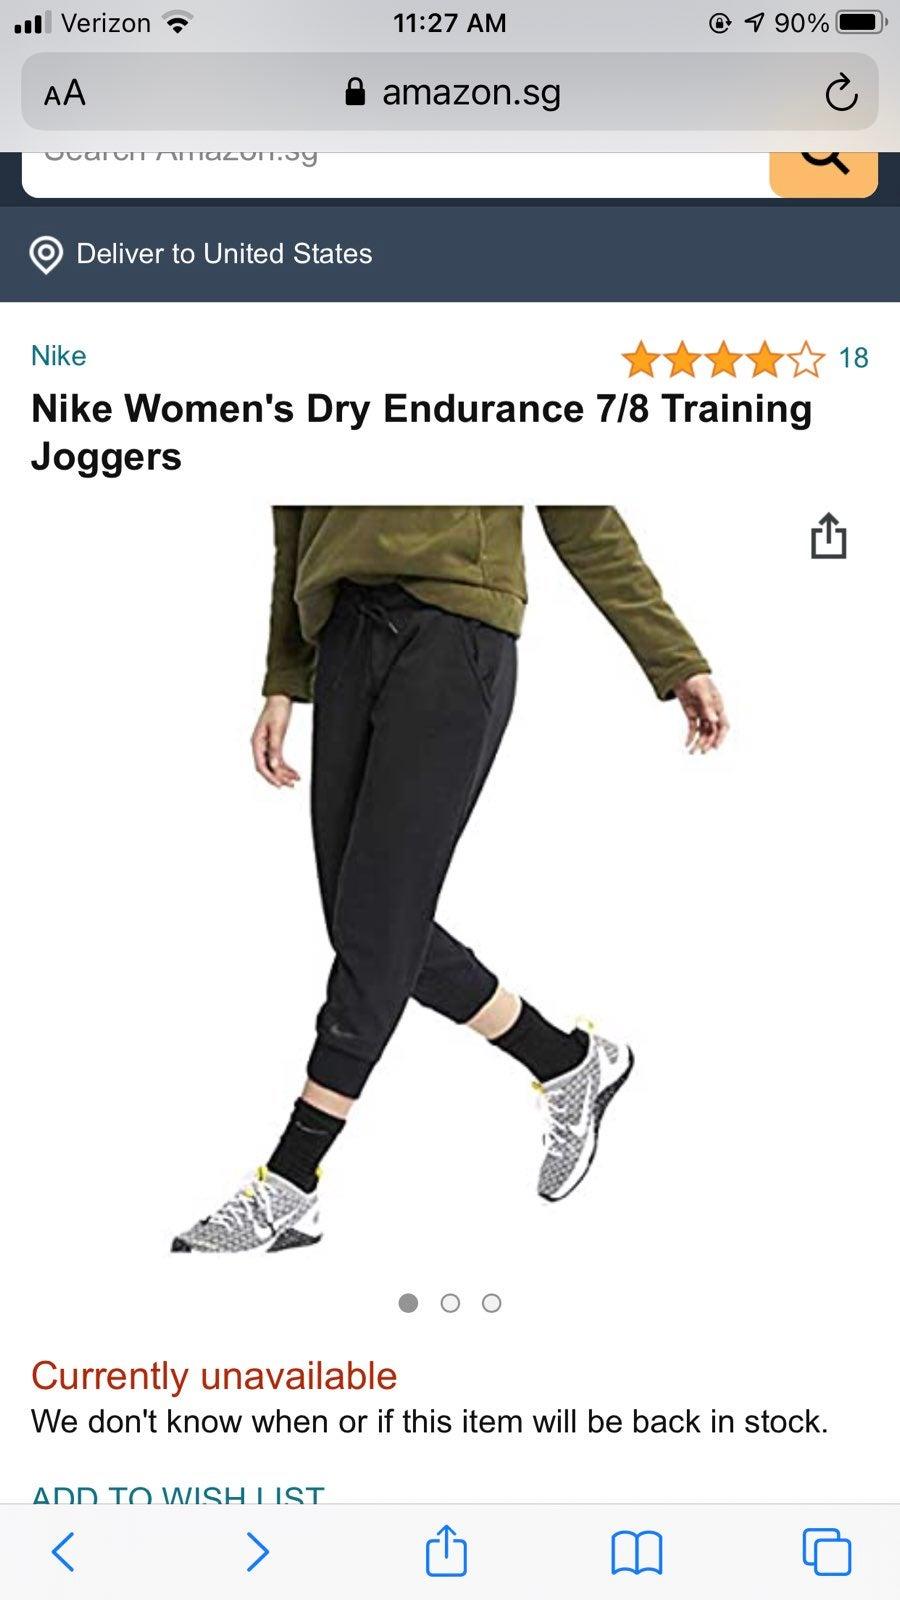 Nike women dry endurance joggers